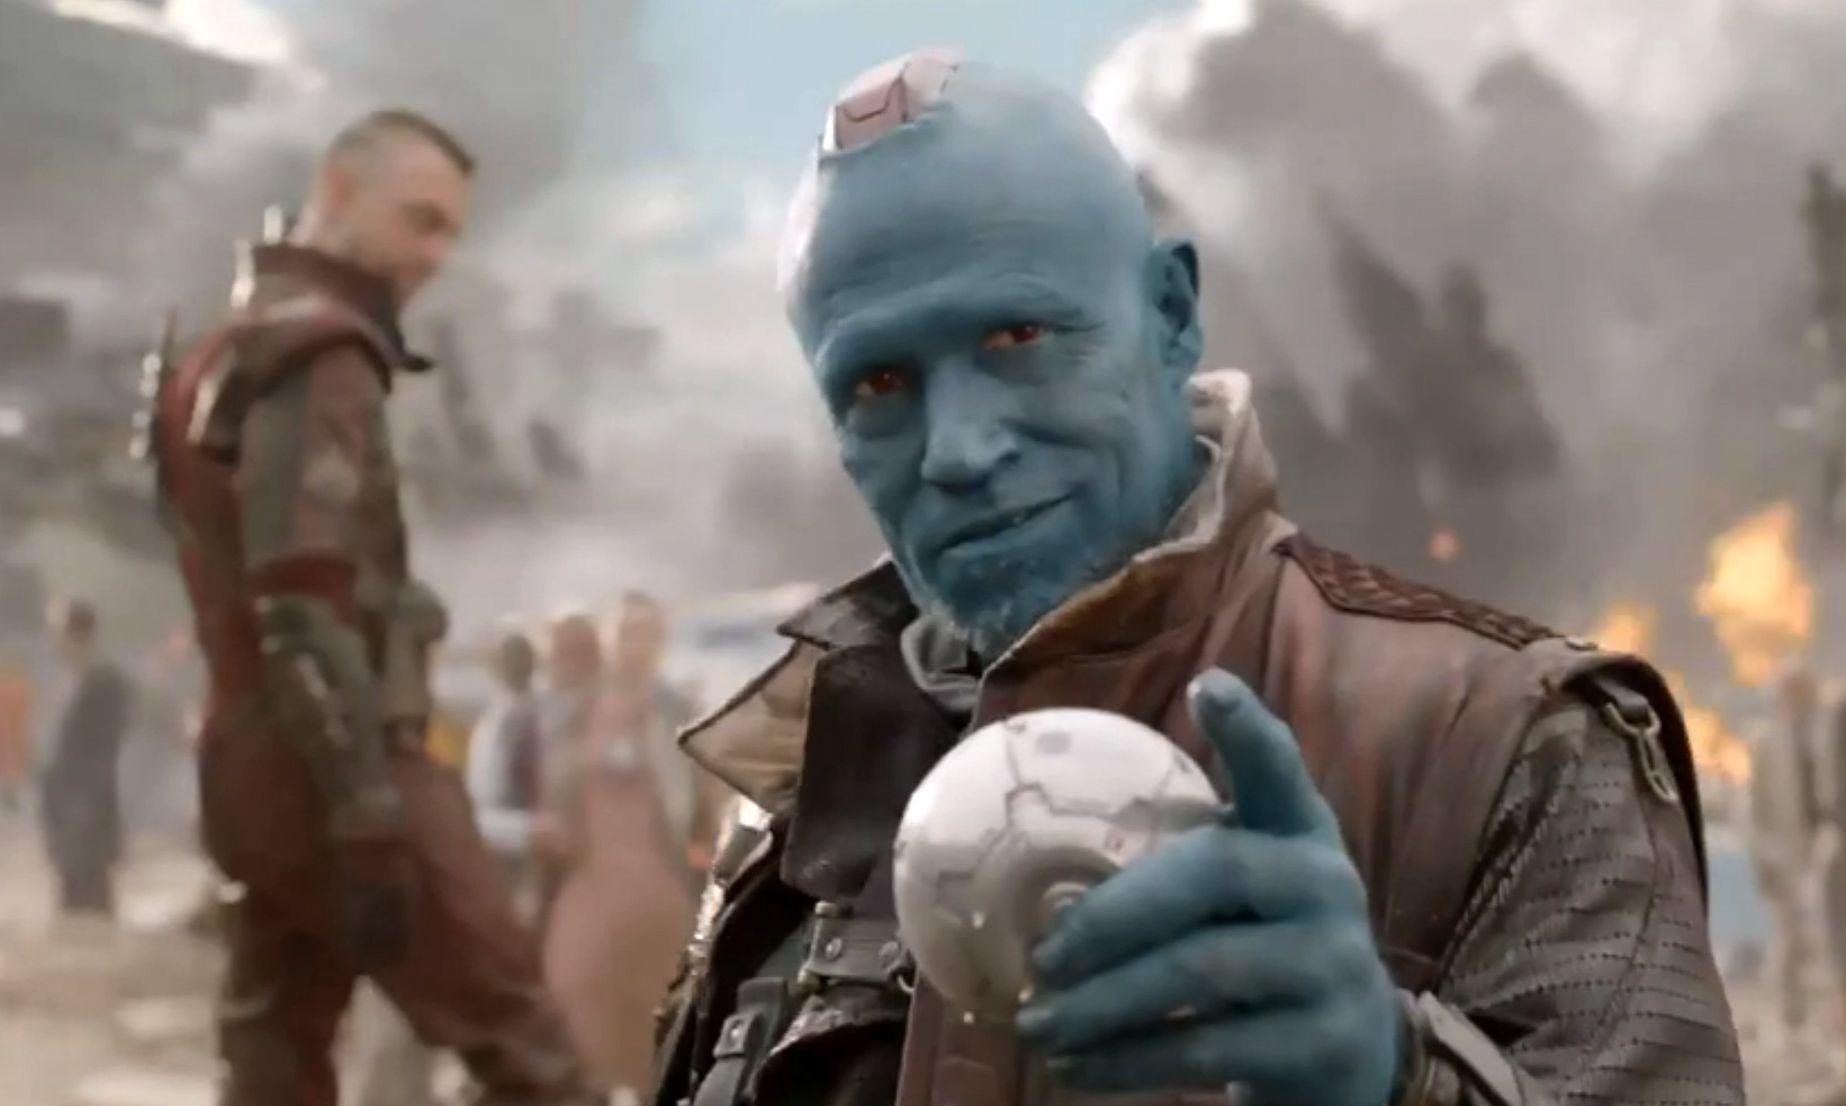 Michael Rooker as Yondu